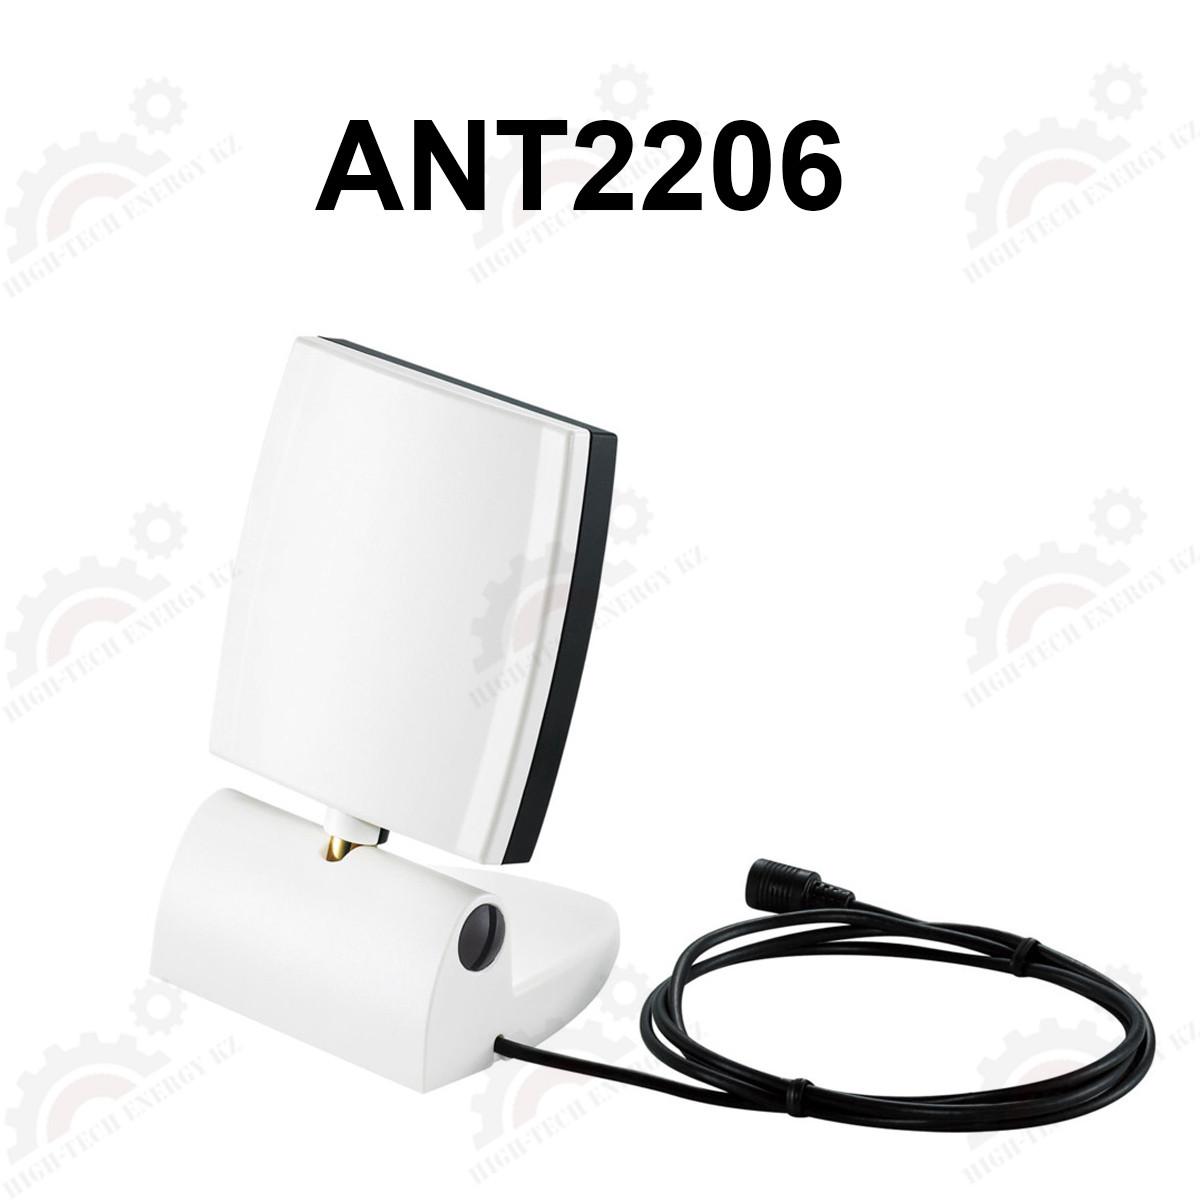 2.4/5 ГГц 6 dBi двухдиапазонная направленная антенна ANT2206